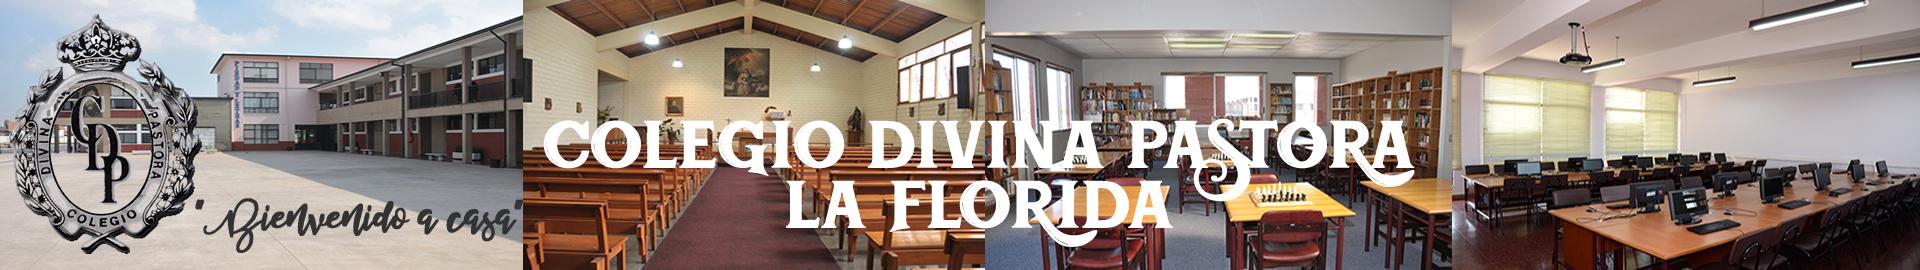 Colegio Divina Pastora La Florida